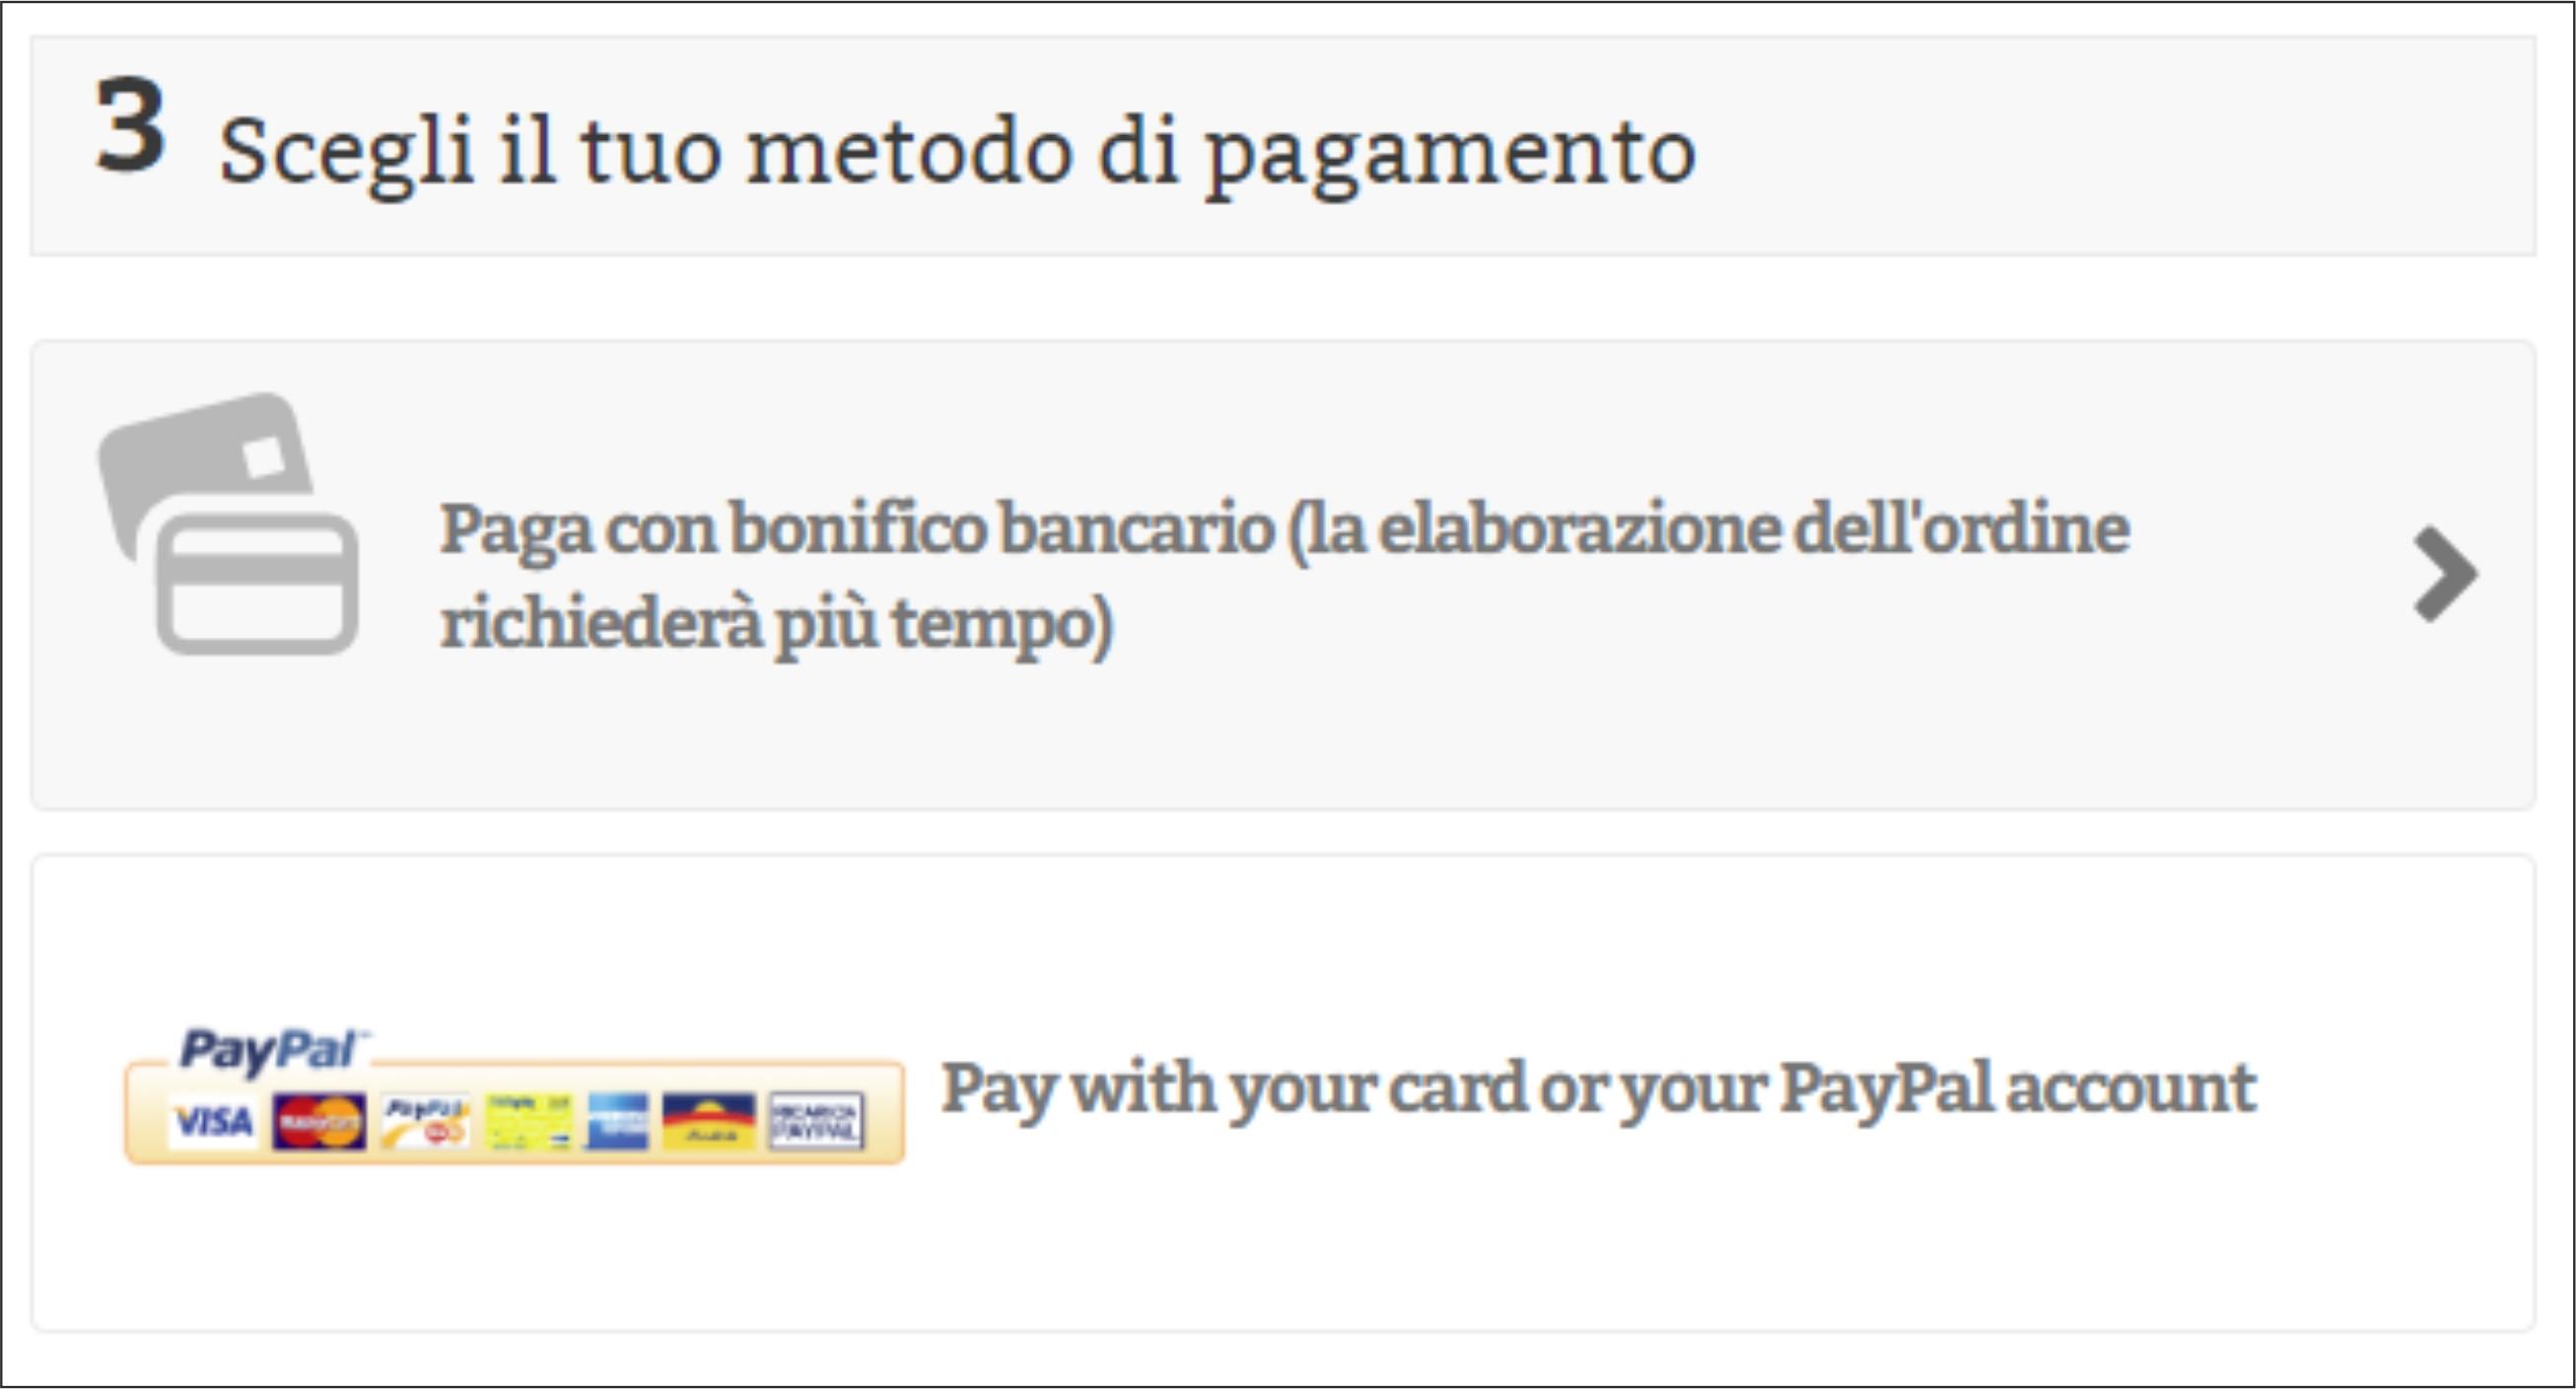 pagamento.jpg